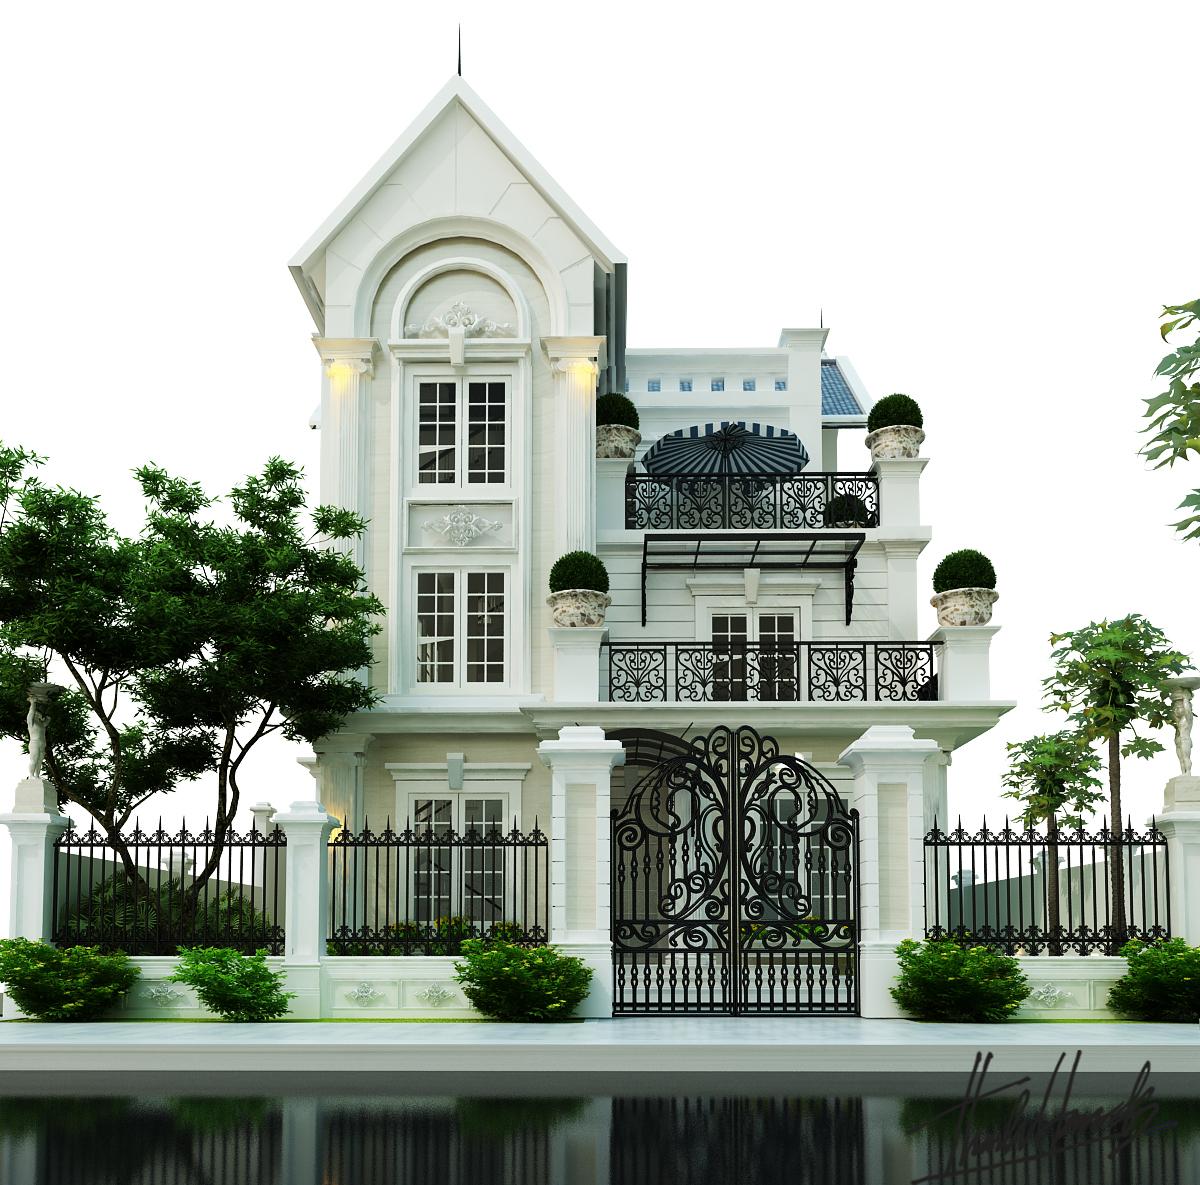 thiết kế nội thất Biệt Thự tại Hà Nội Biệt thự - Việt Hưng  2 1568273816